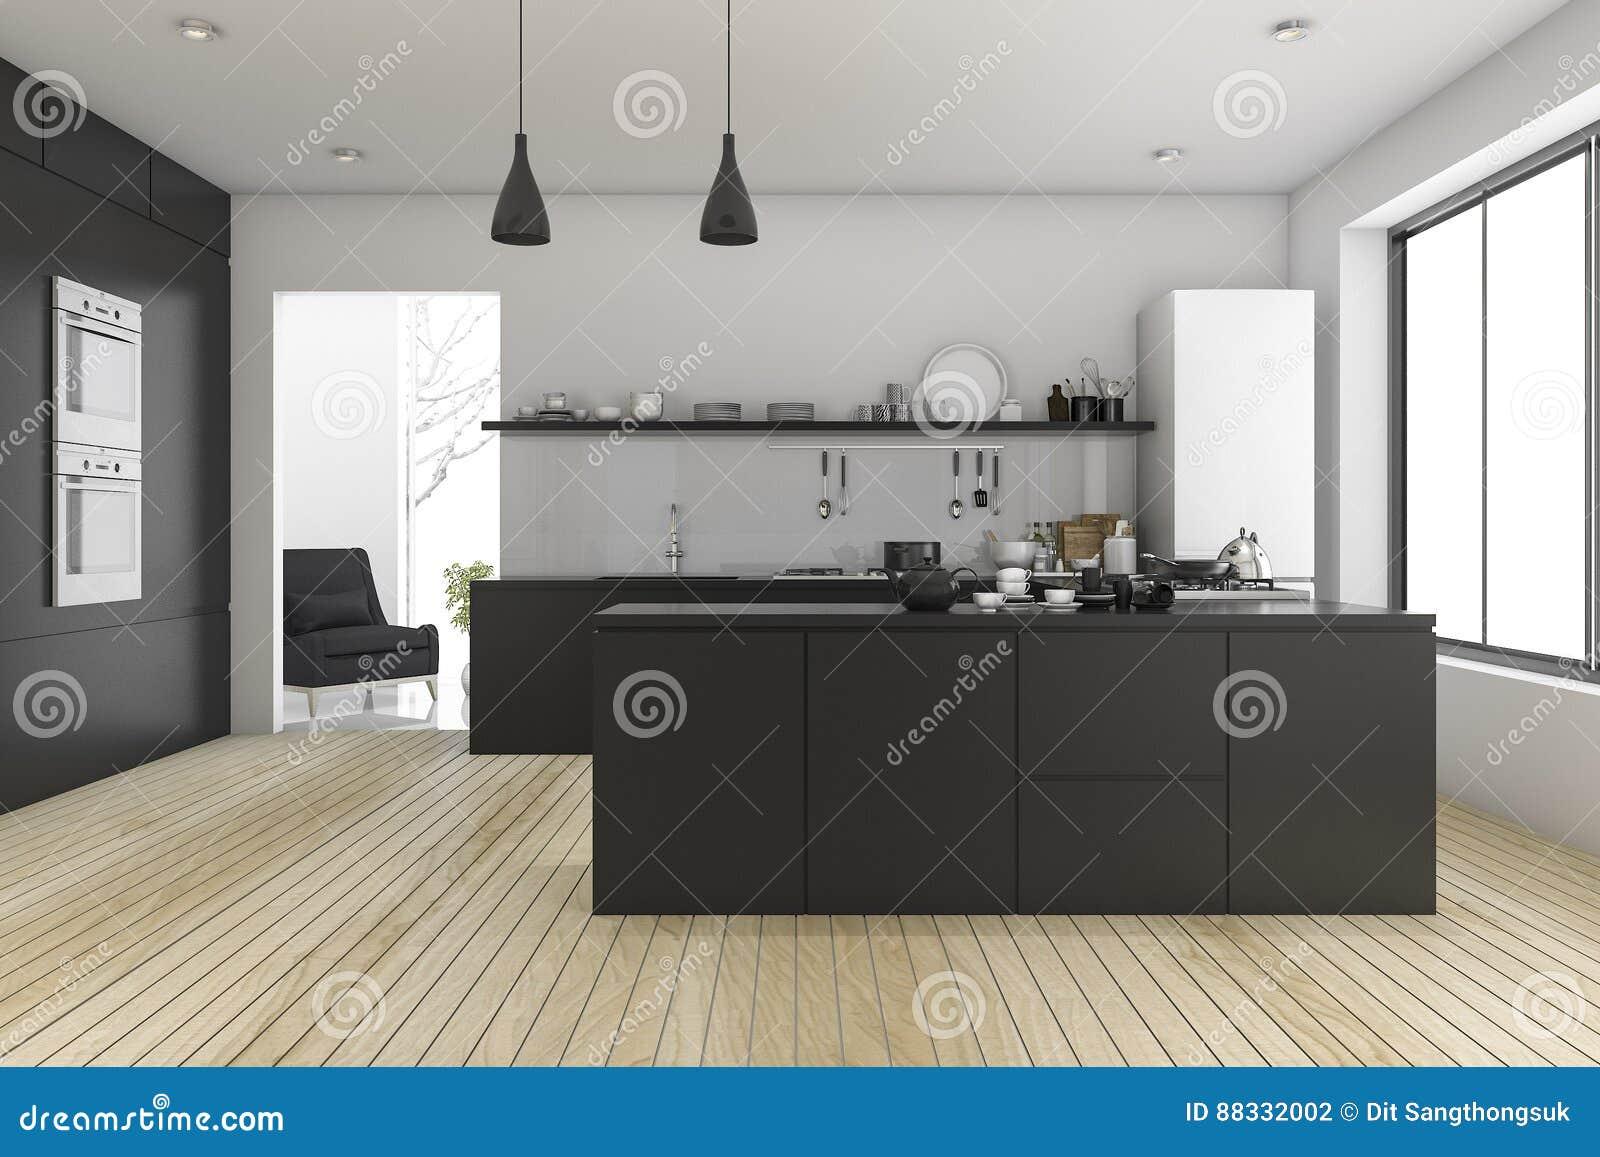 Woonkamer Zwarte Keuken : D het teruggeven zwarte minimale keuken dichtbij woonkamer stock